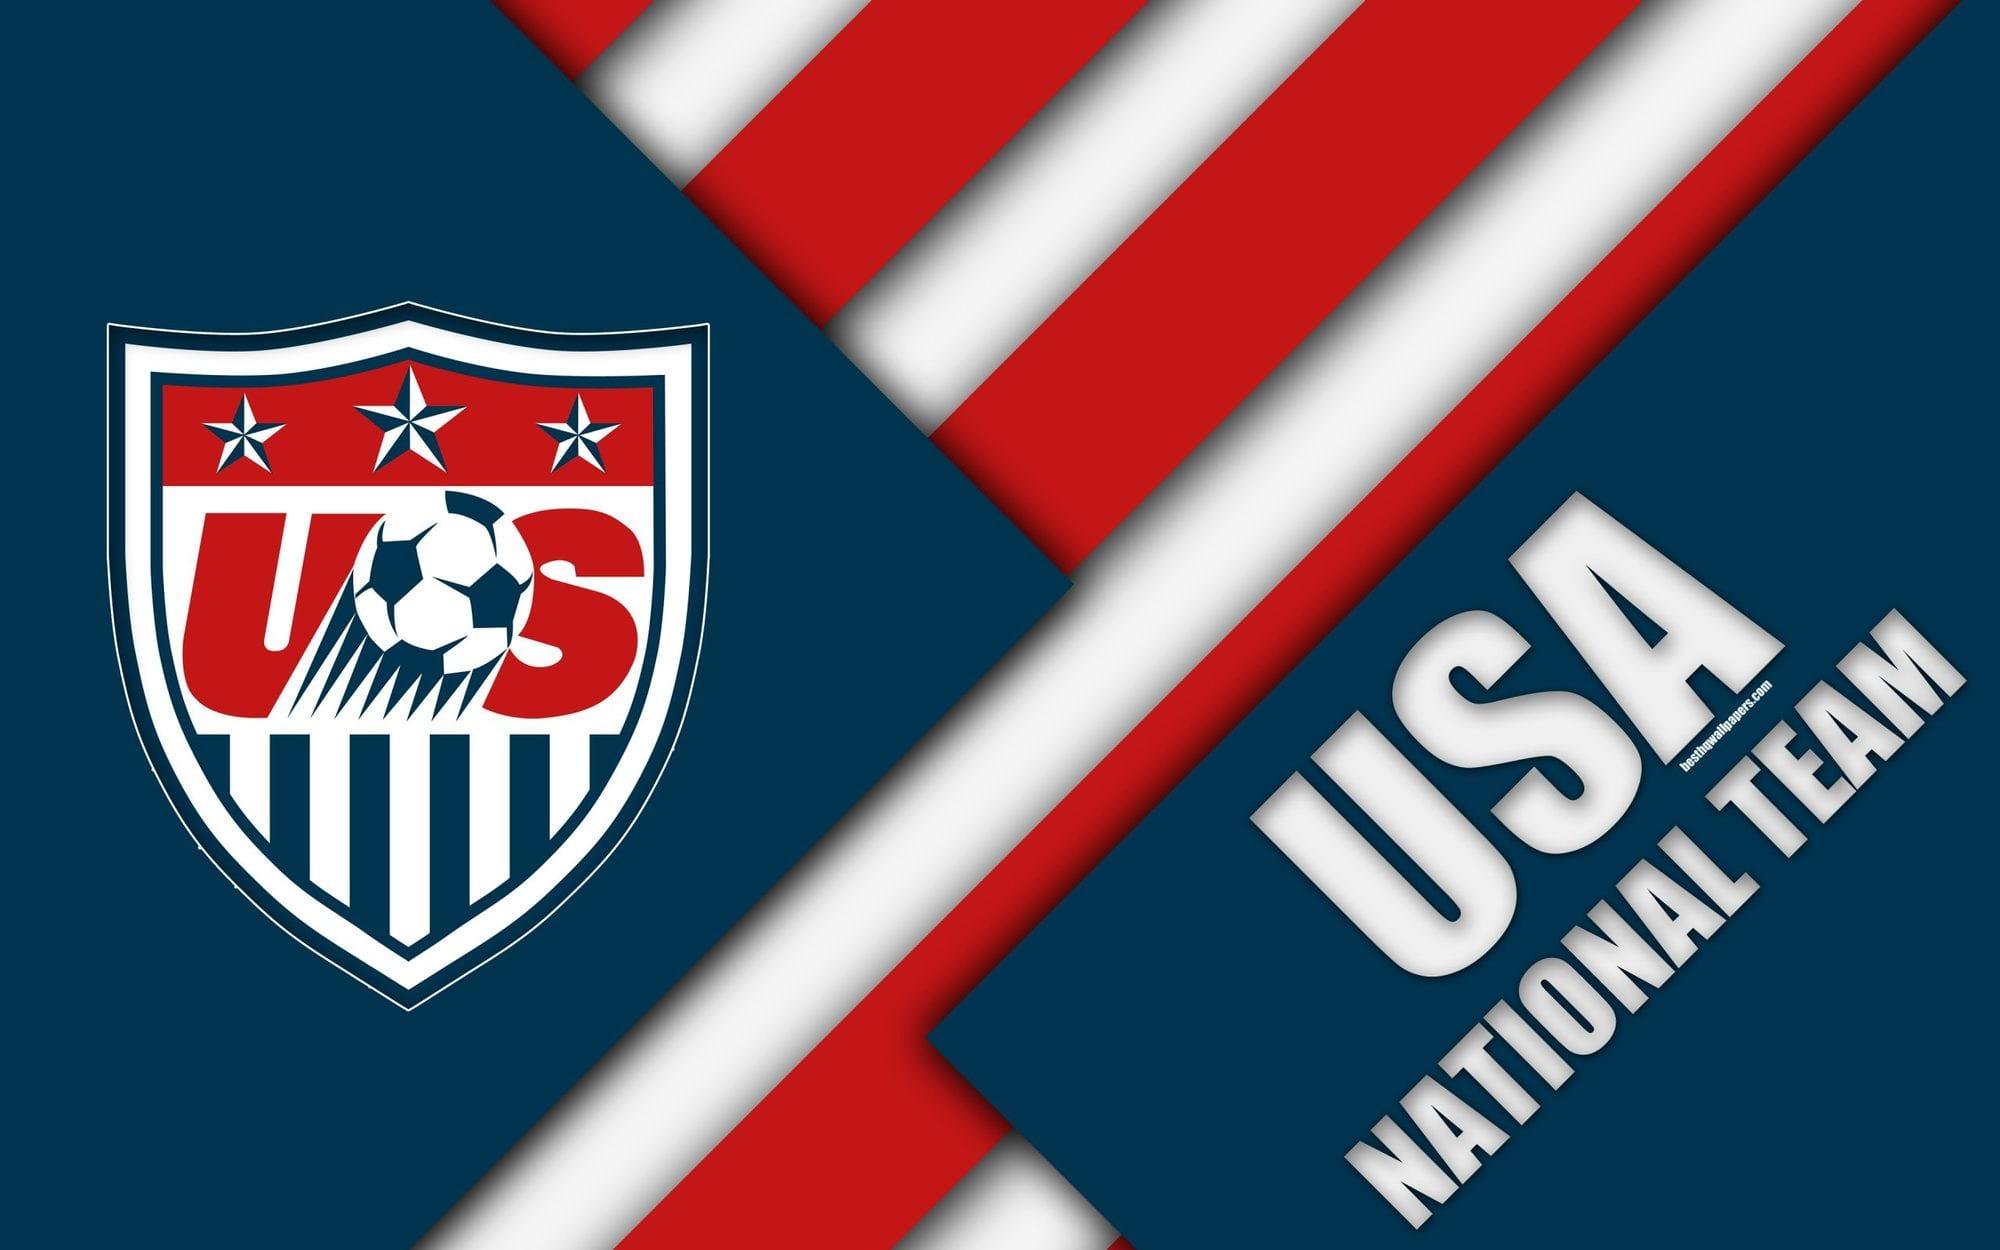 منتخب الولايات المتحدة لكرة القدم